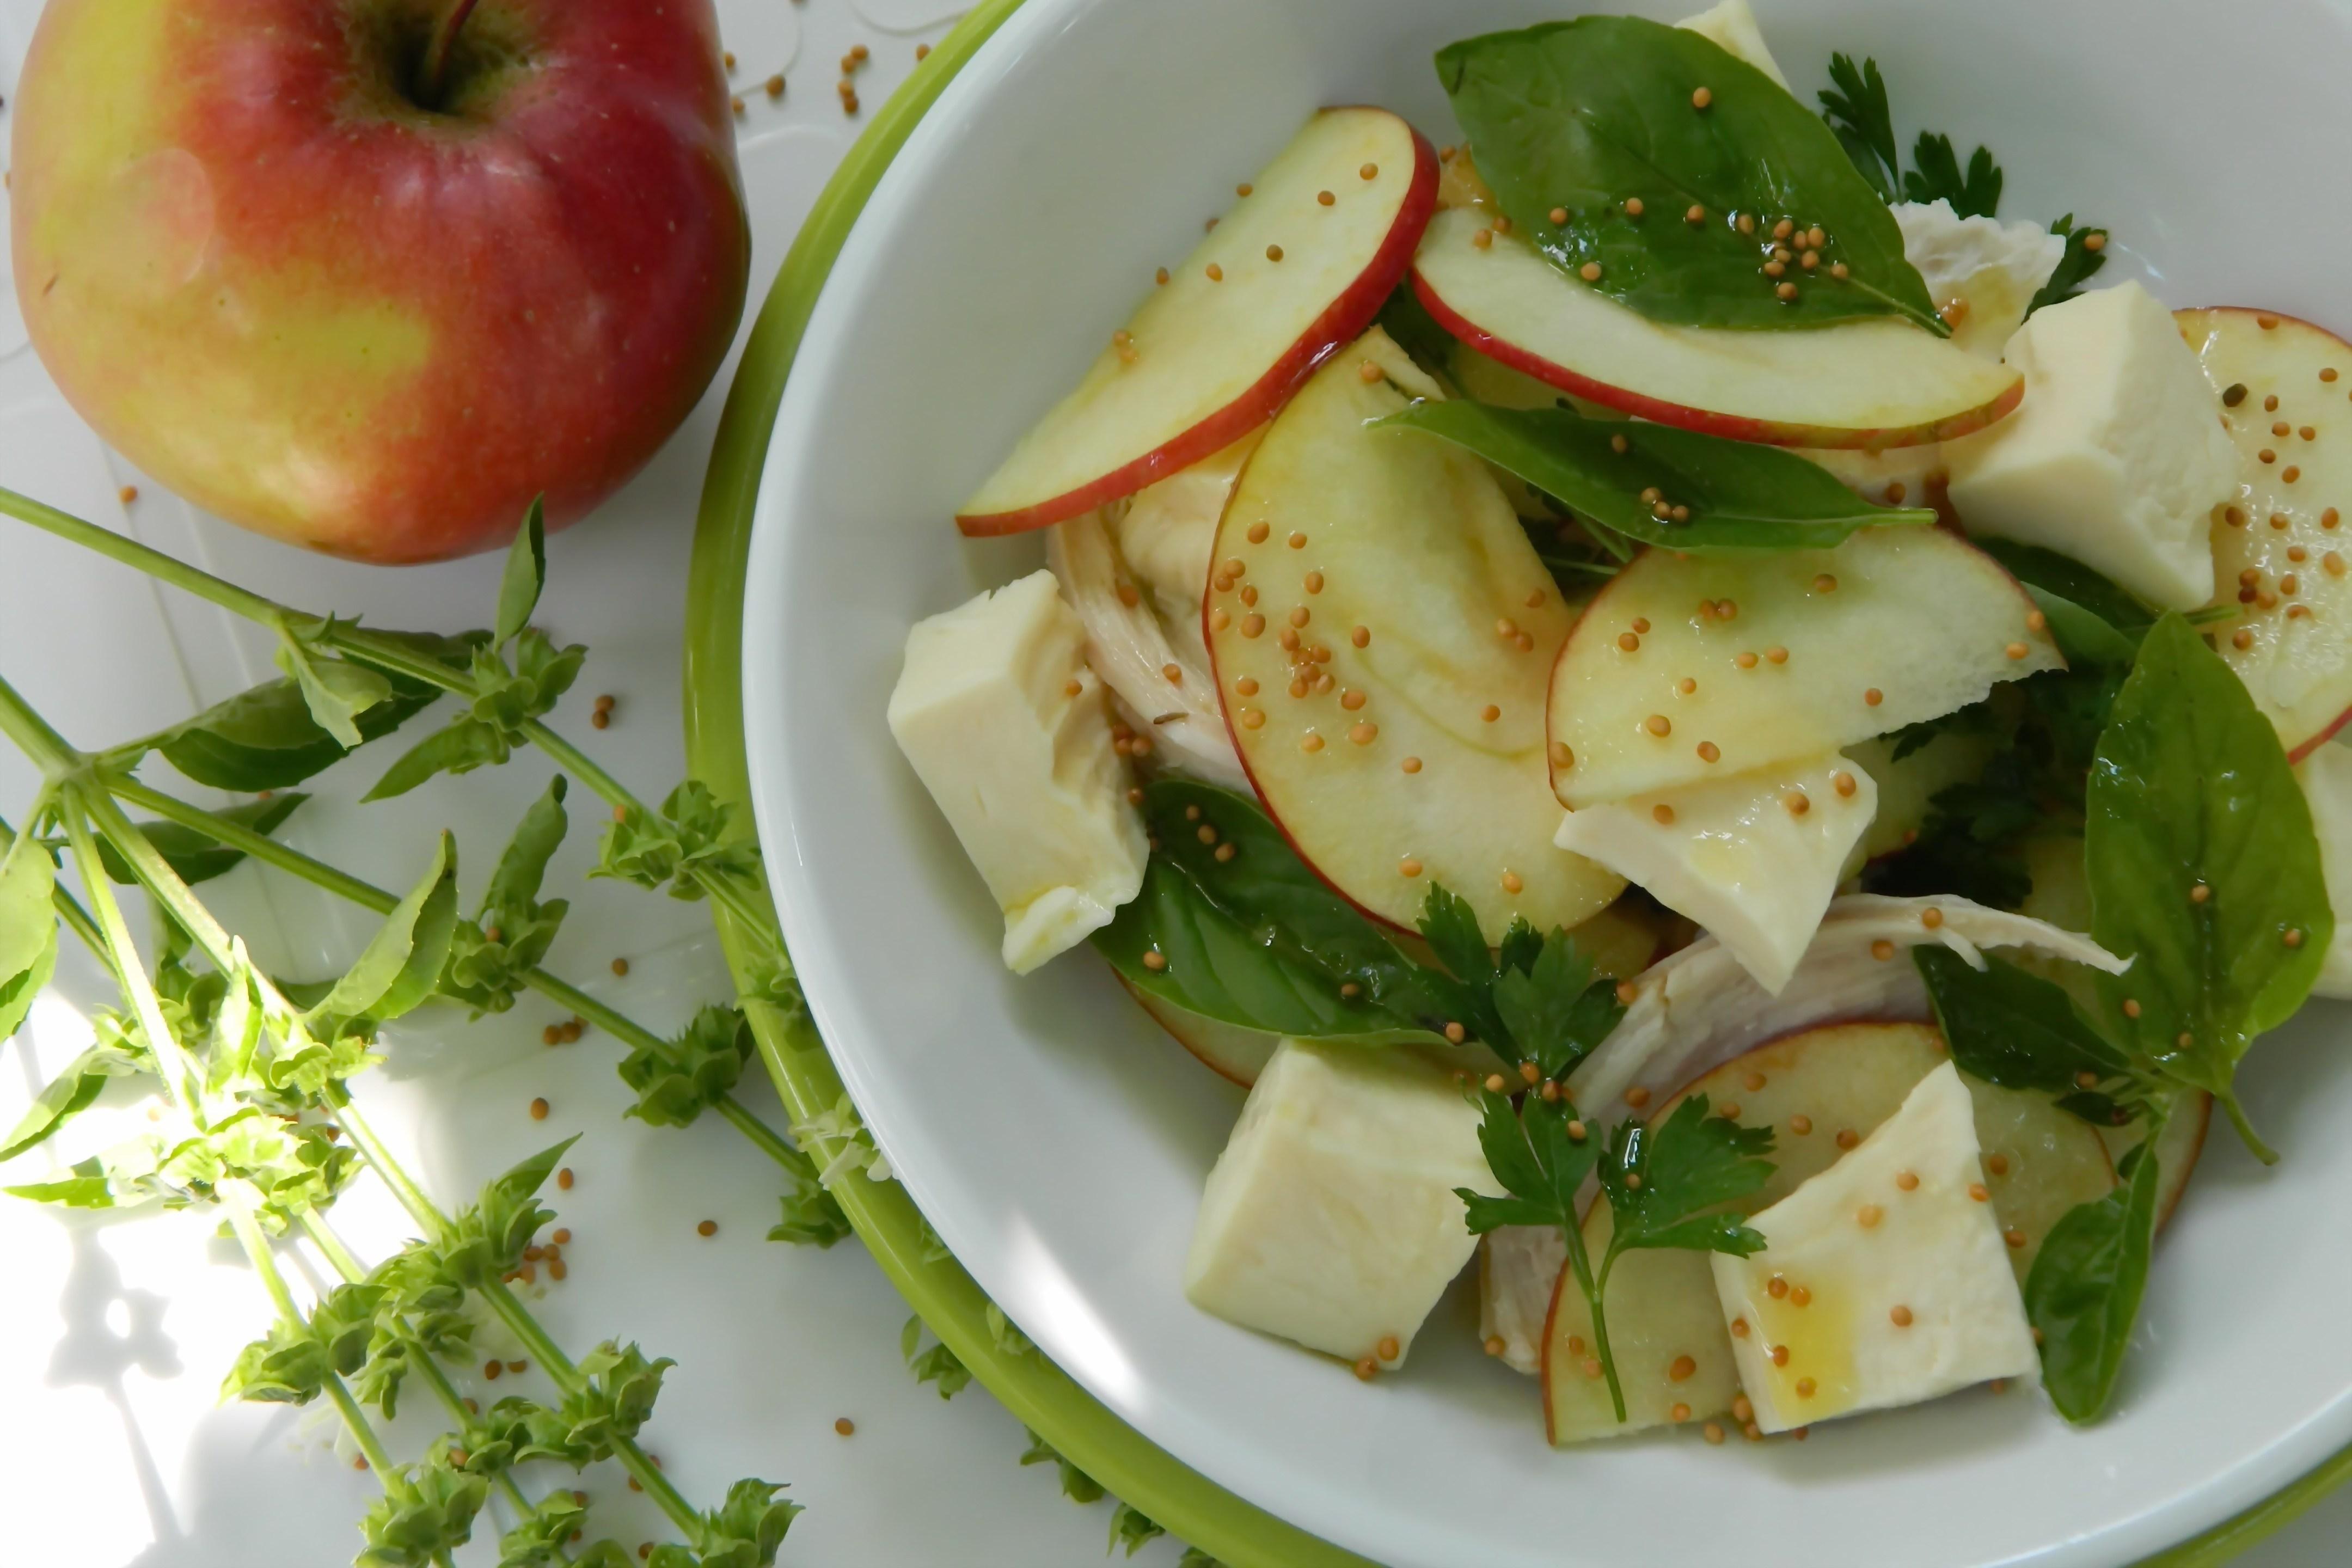 Салат с яблоками и курицей новые фото